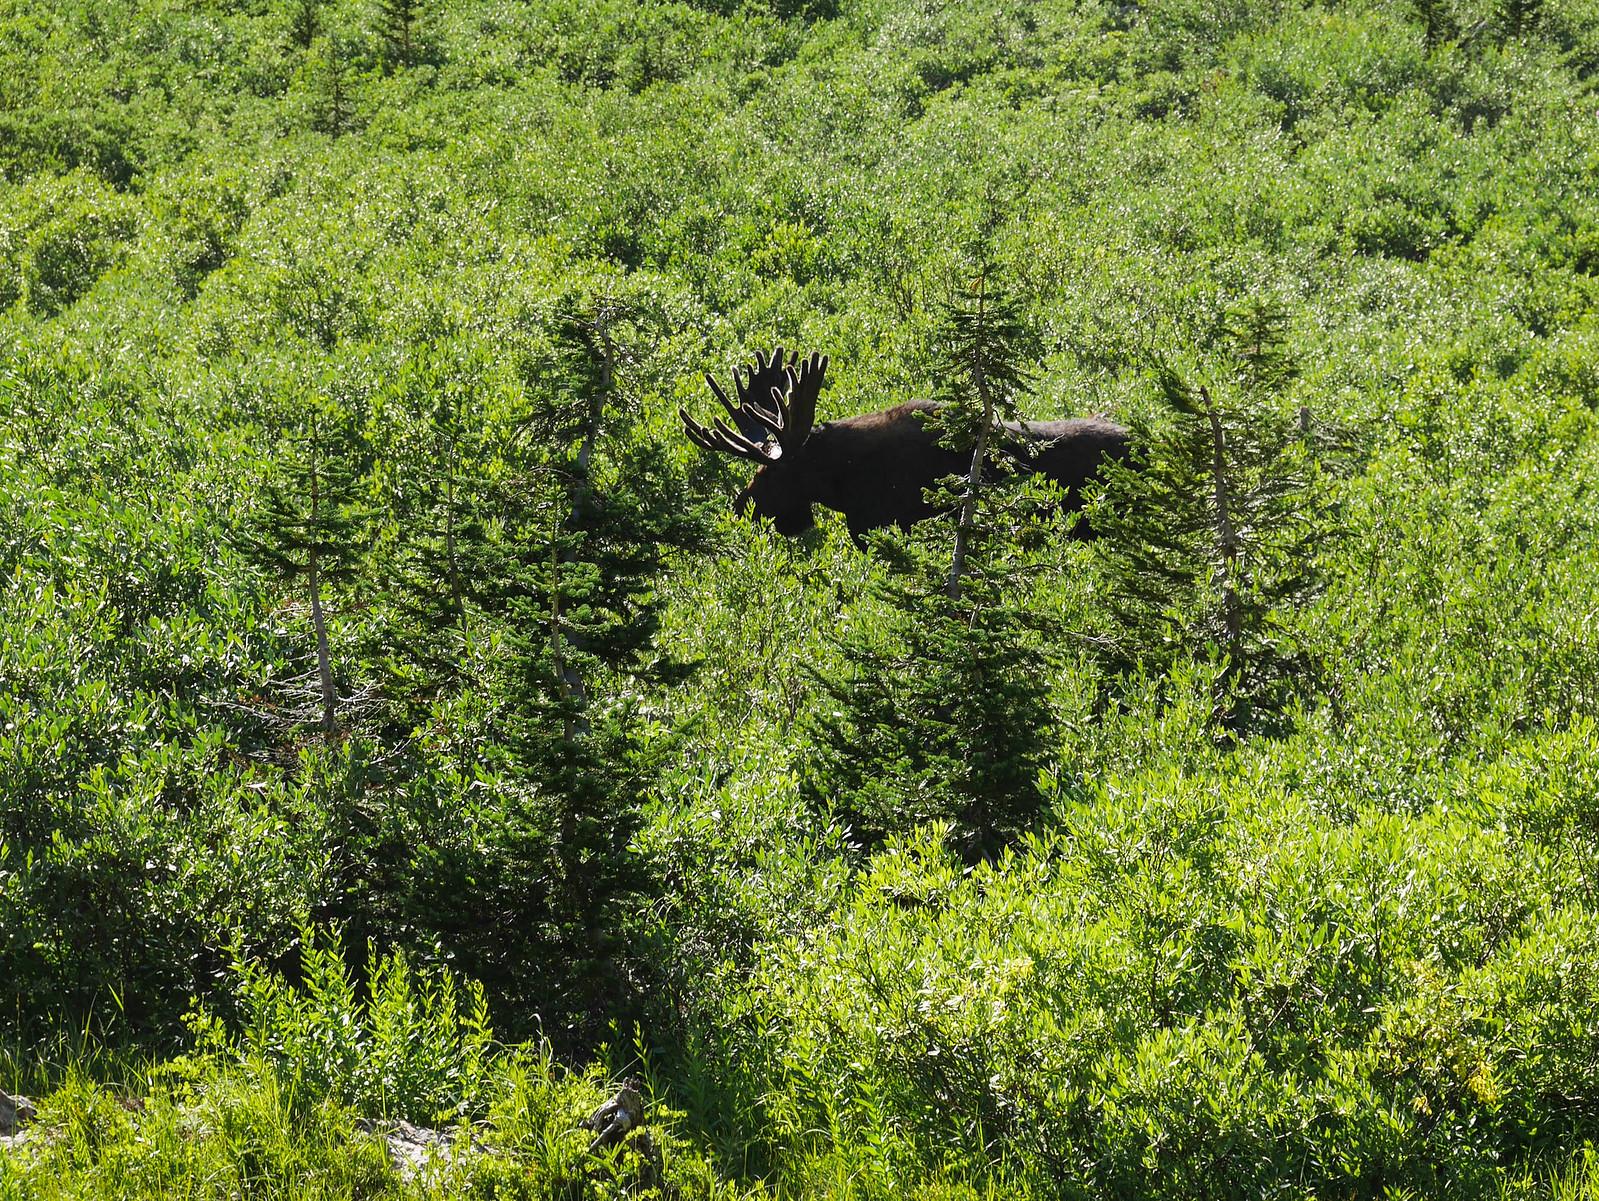 Bull moose!